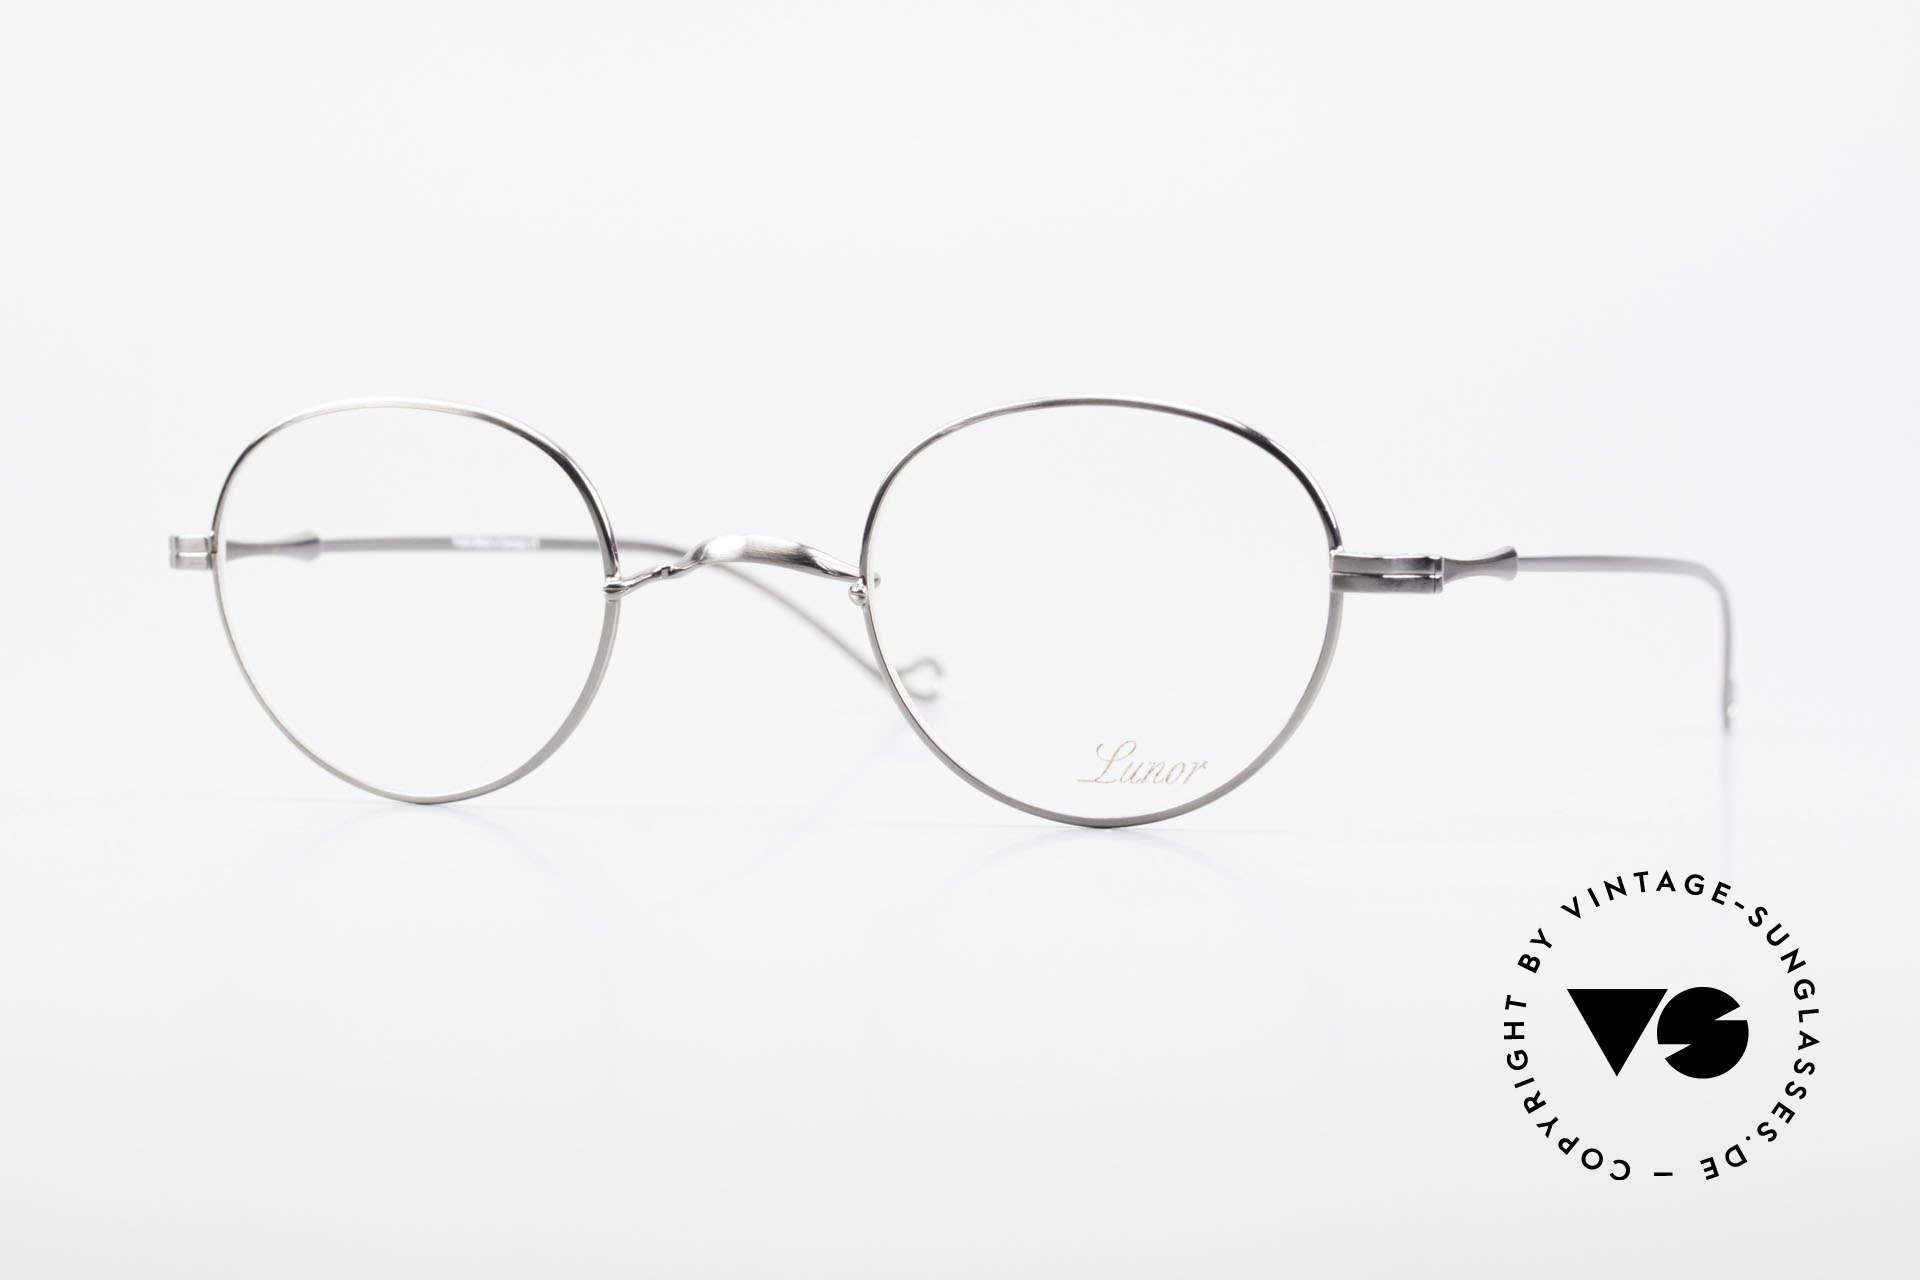 """Lunor II 22 Lunor Brille Special Edition, vintage Lunor Brille aus der alten Lunor """"II"""" Serie, Passend für Herren und Damen"""